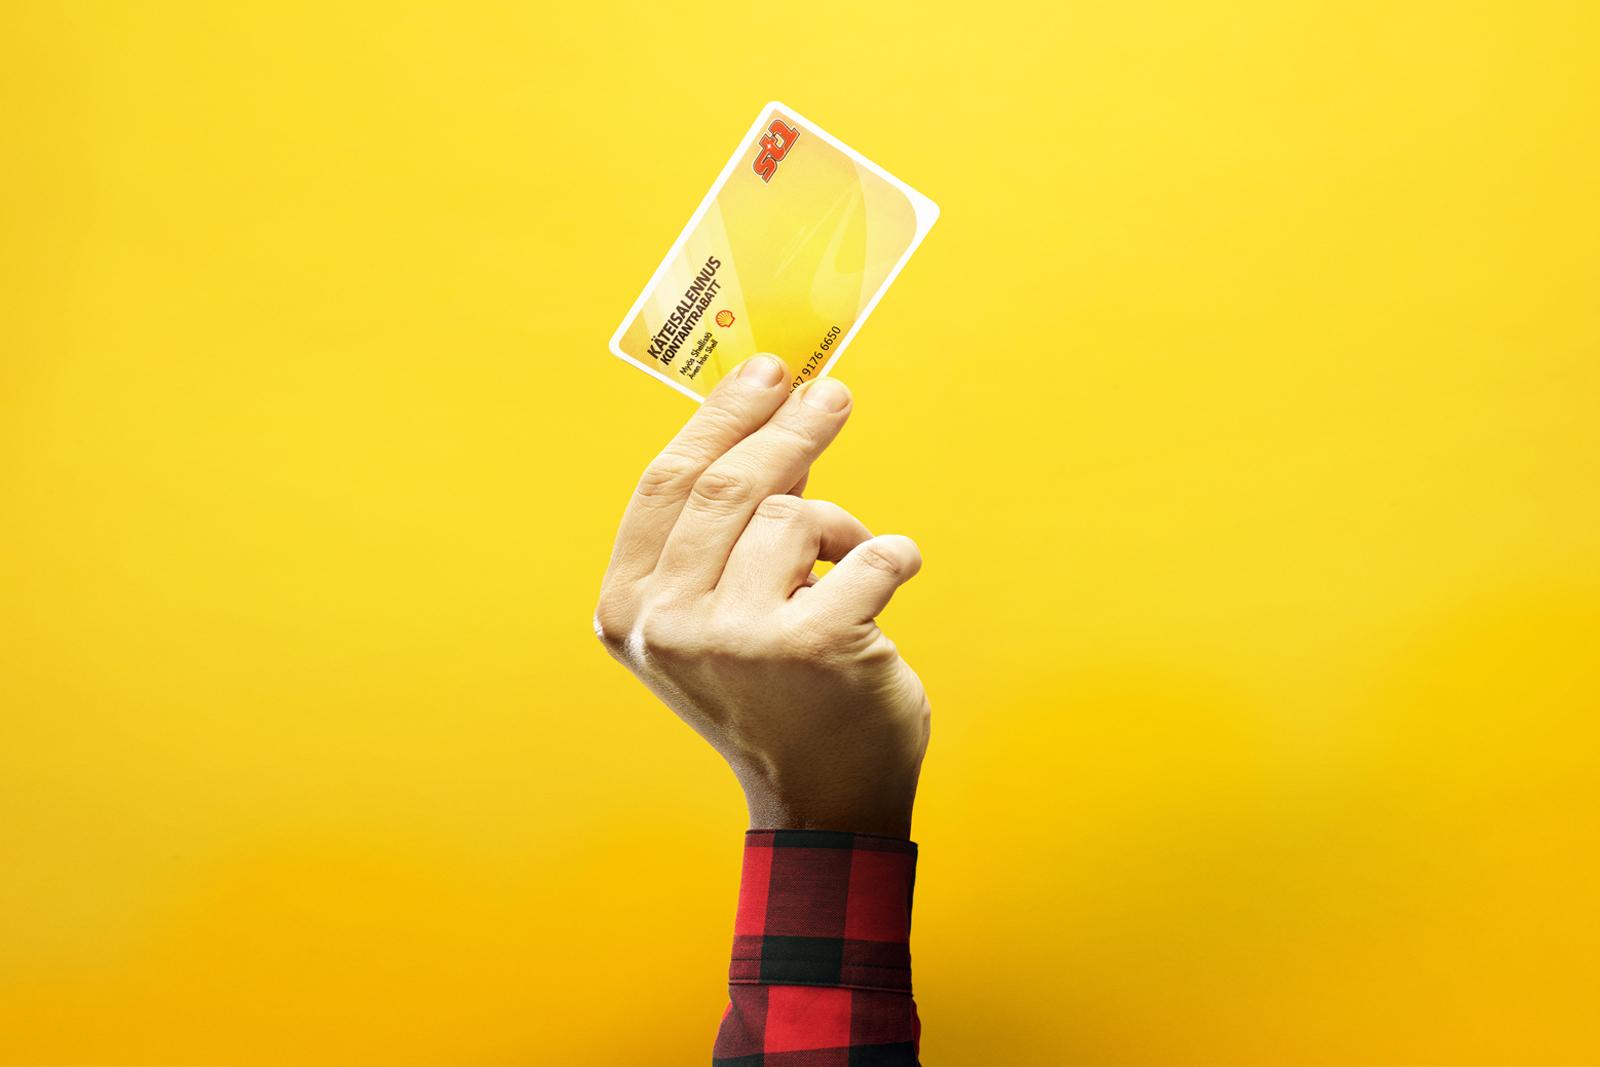 Käteisalennuskortti